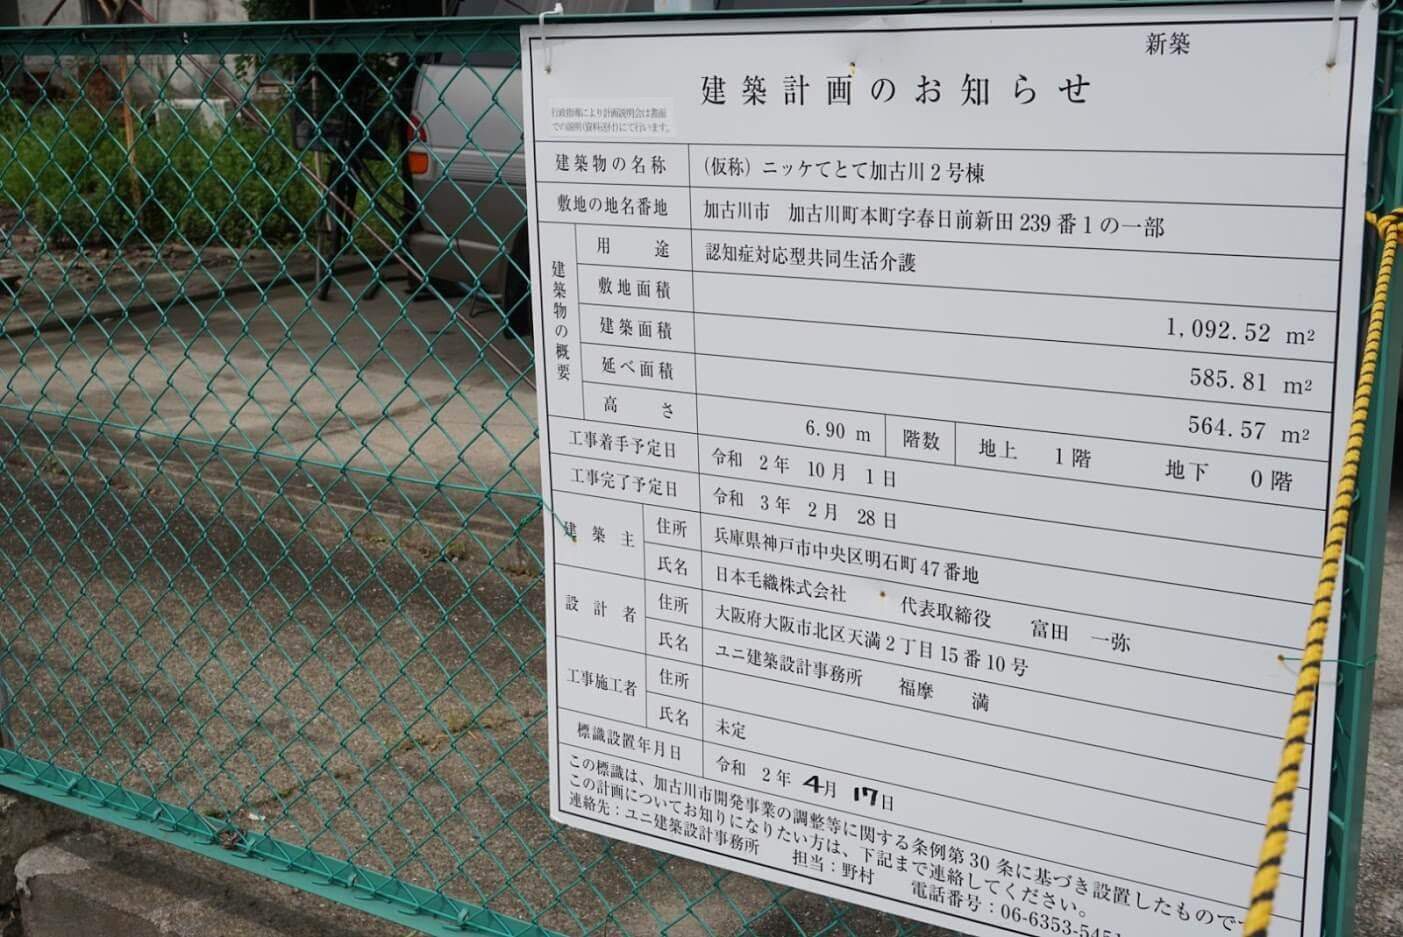 ニッケてとて加古川2号棟の建築計画のお知らせ看板